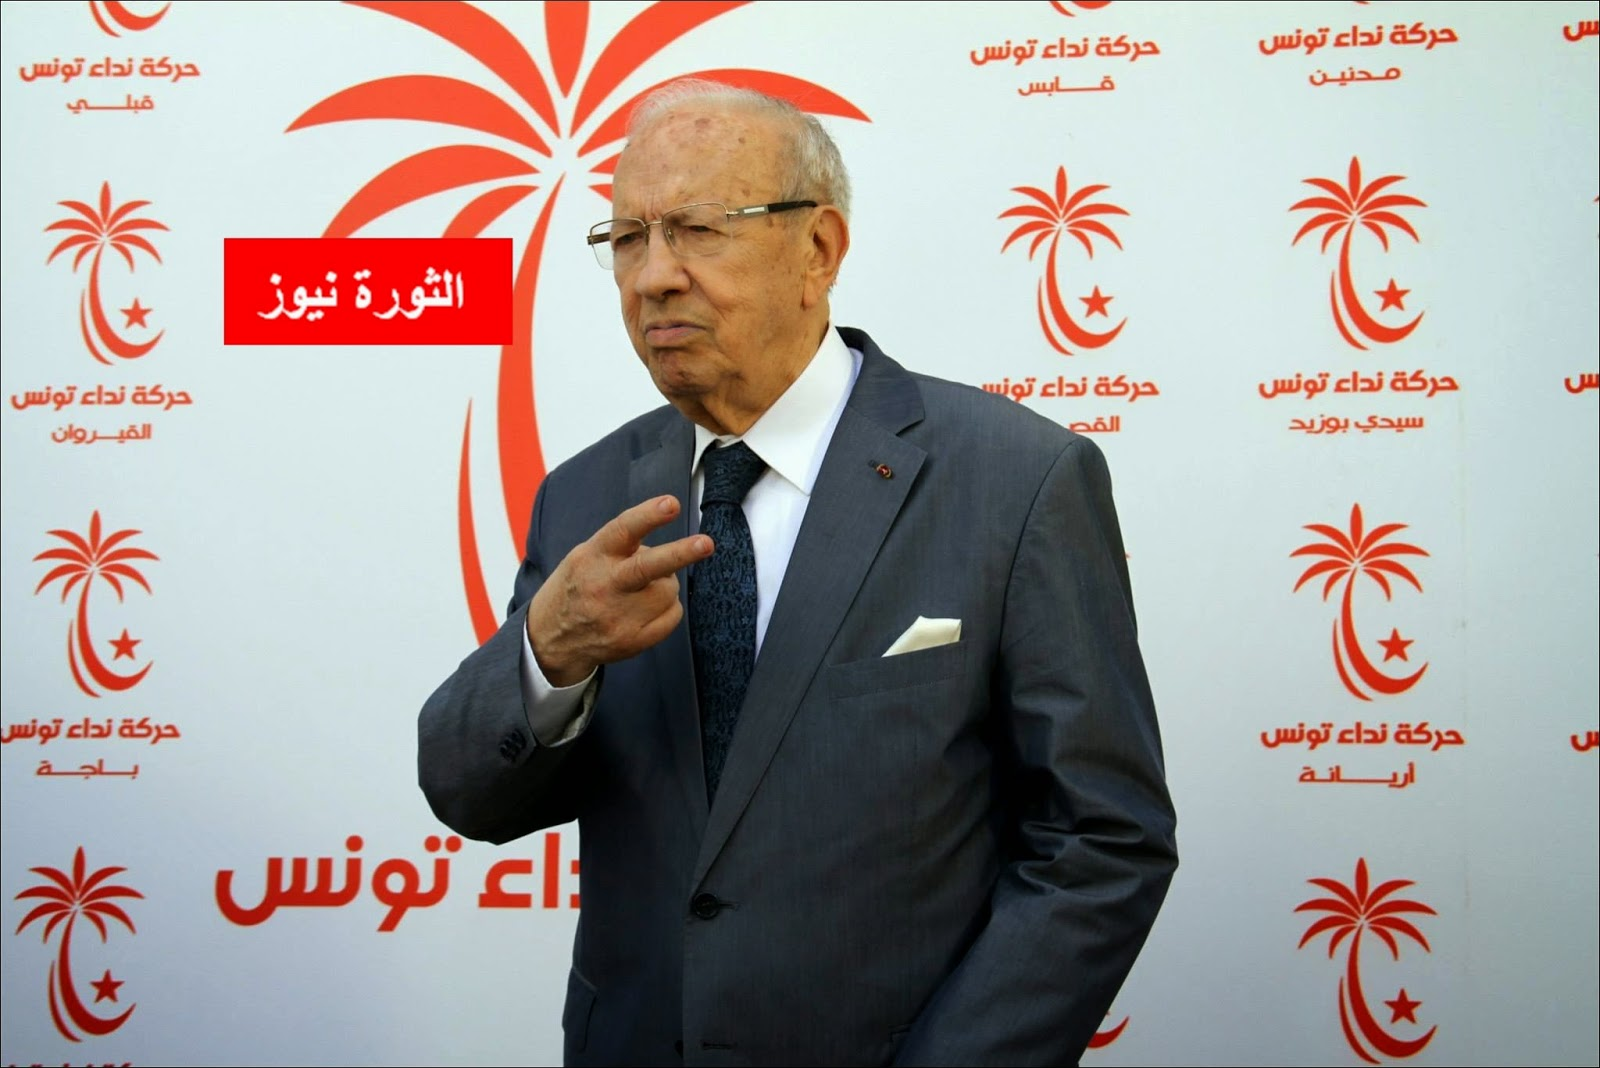 لماذا يقلق التونسيون من تعويم الدينار؟